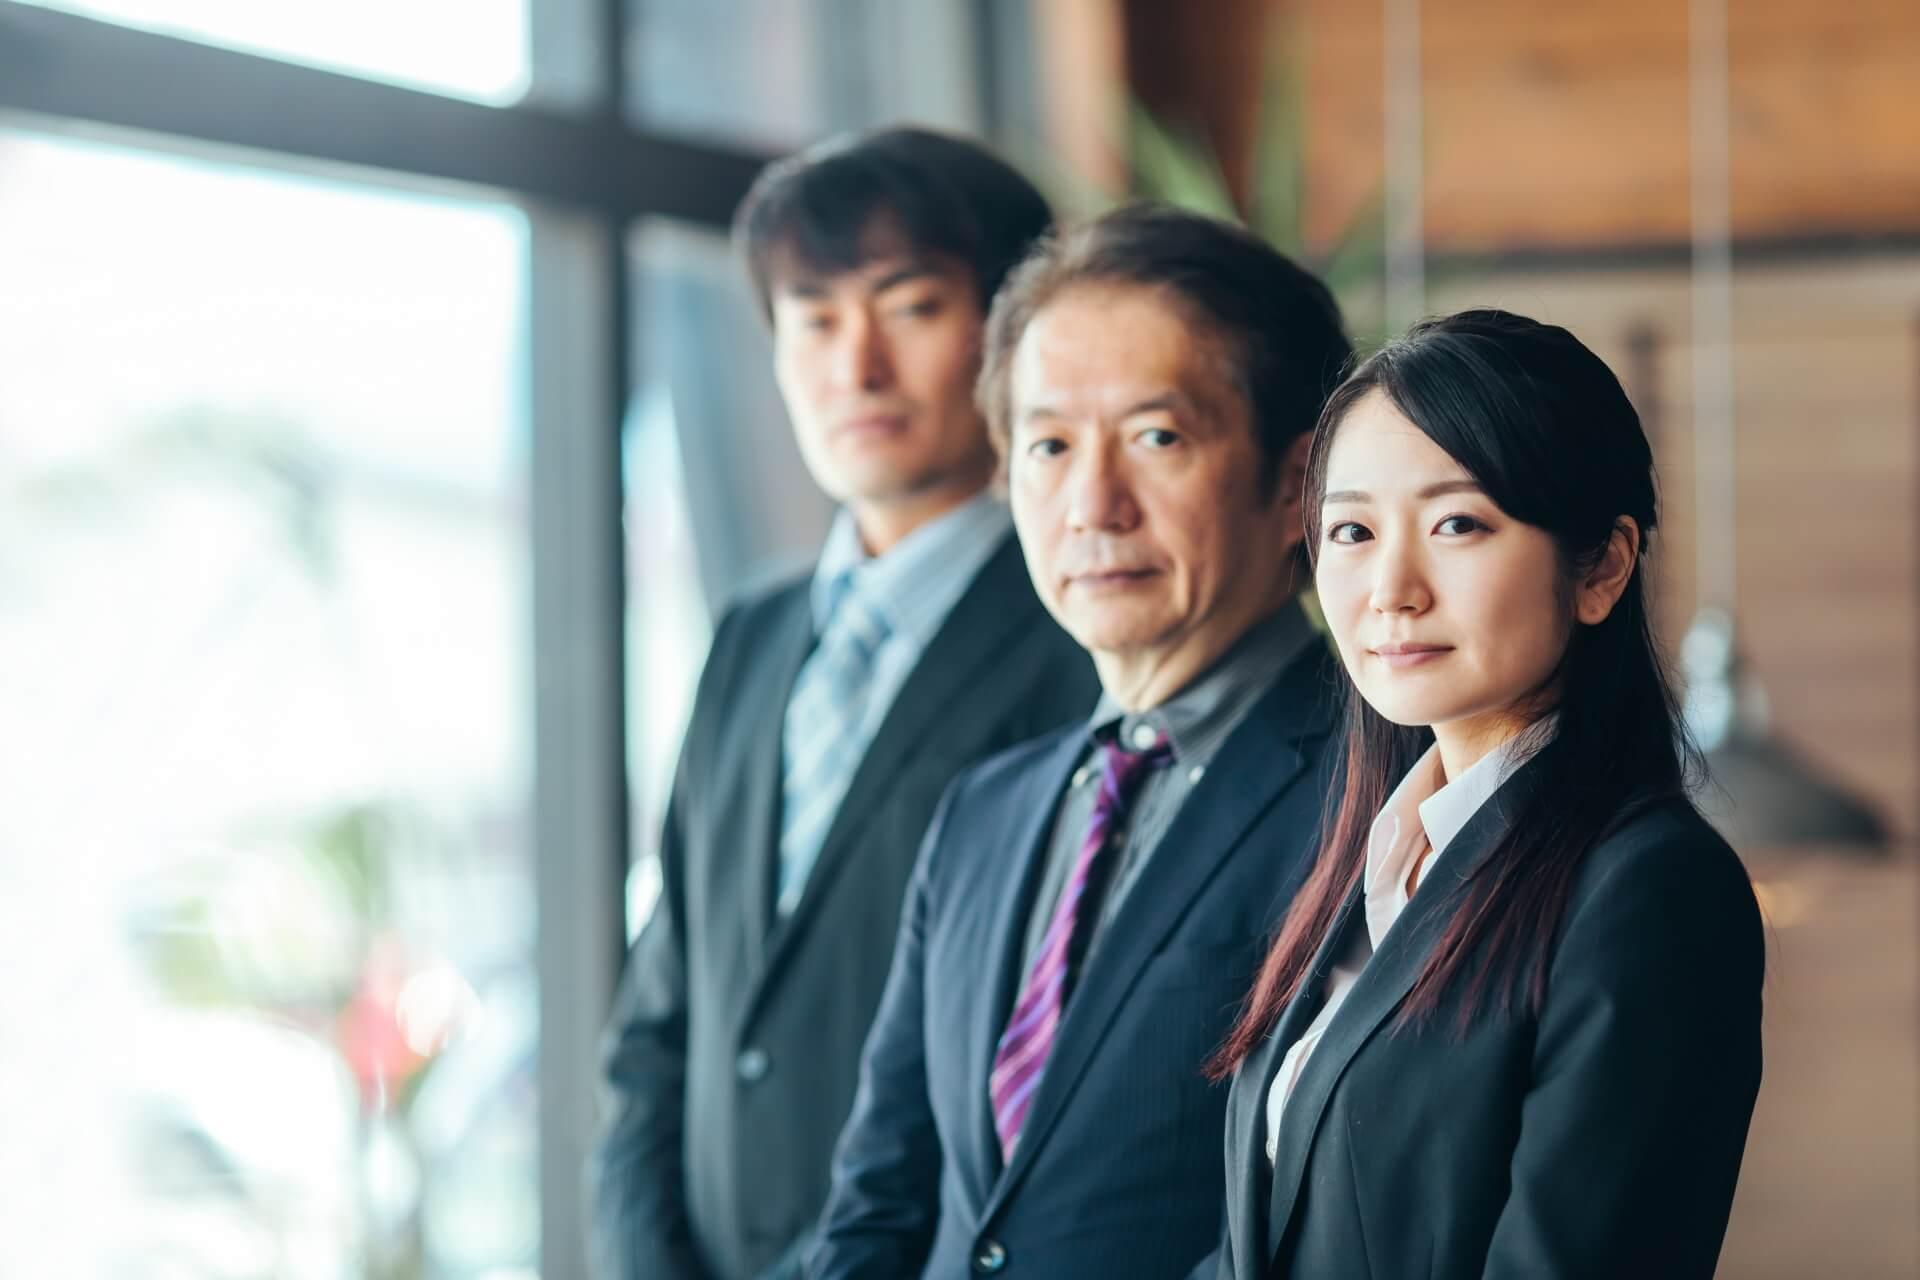 ジョブ型人事制度の導入にあたり押さえるべきポイント~日本型労働慣行といかに折り合いをつけるか